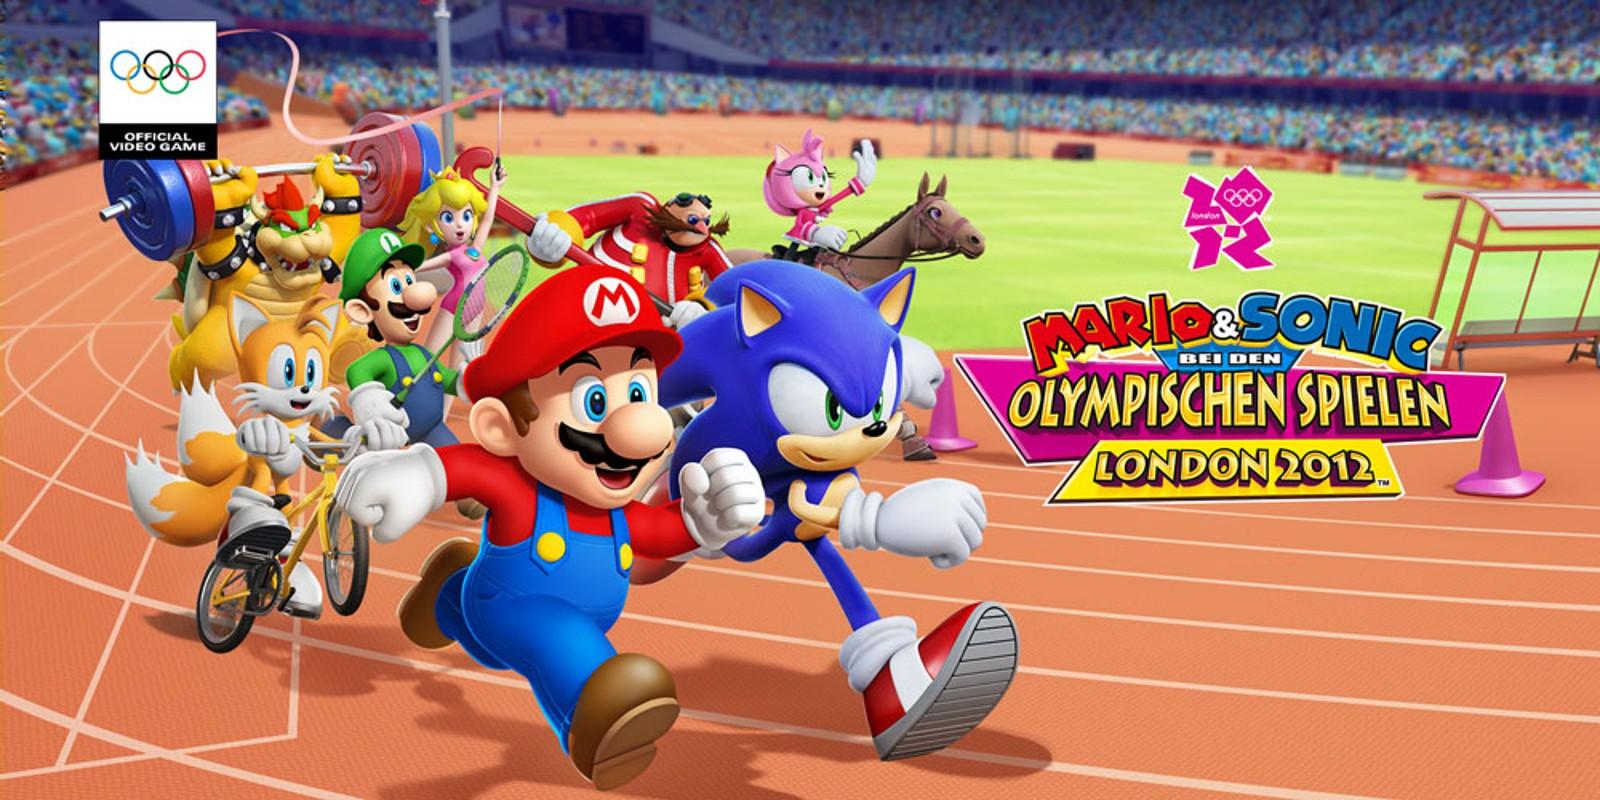 Sonic Spiele Online Jetzt Spielen